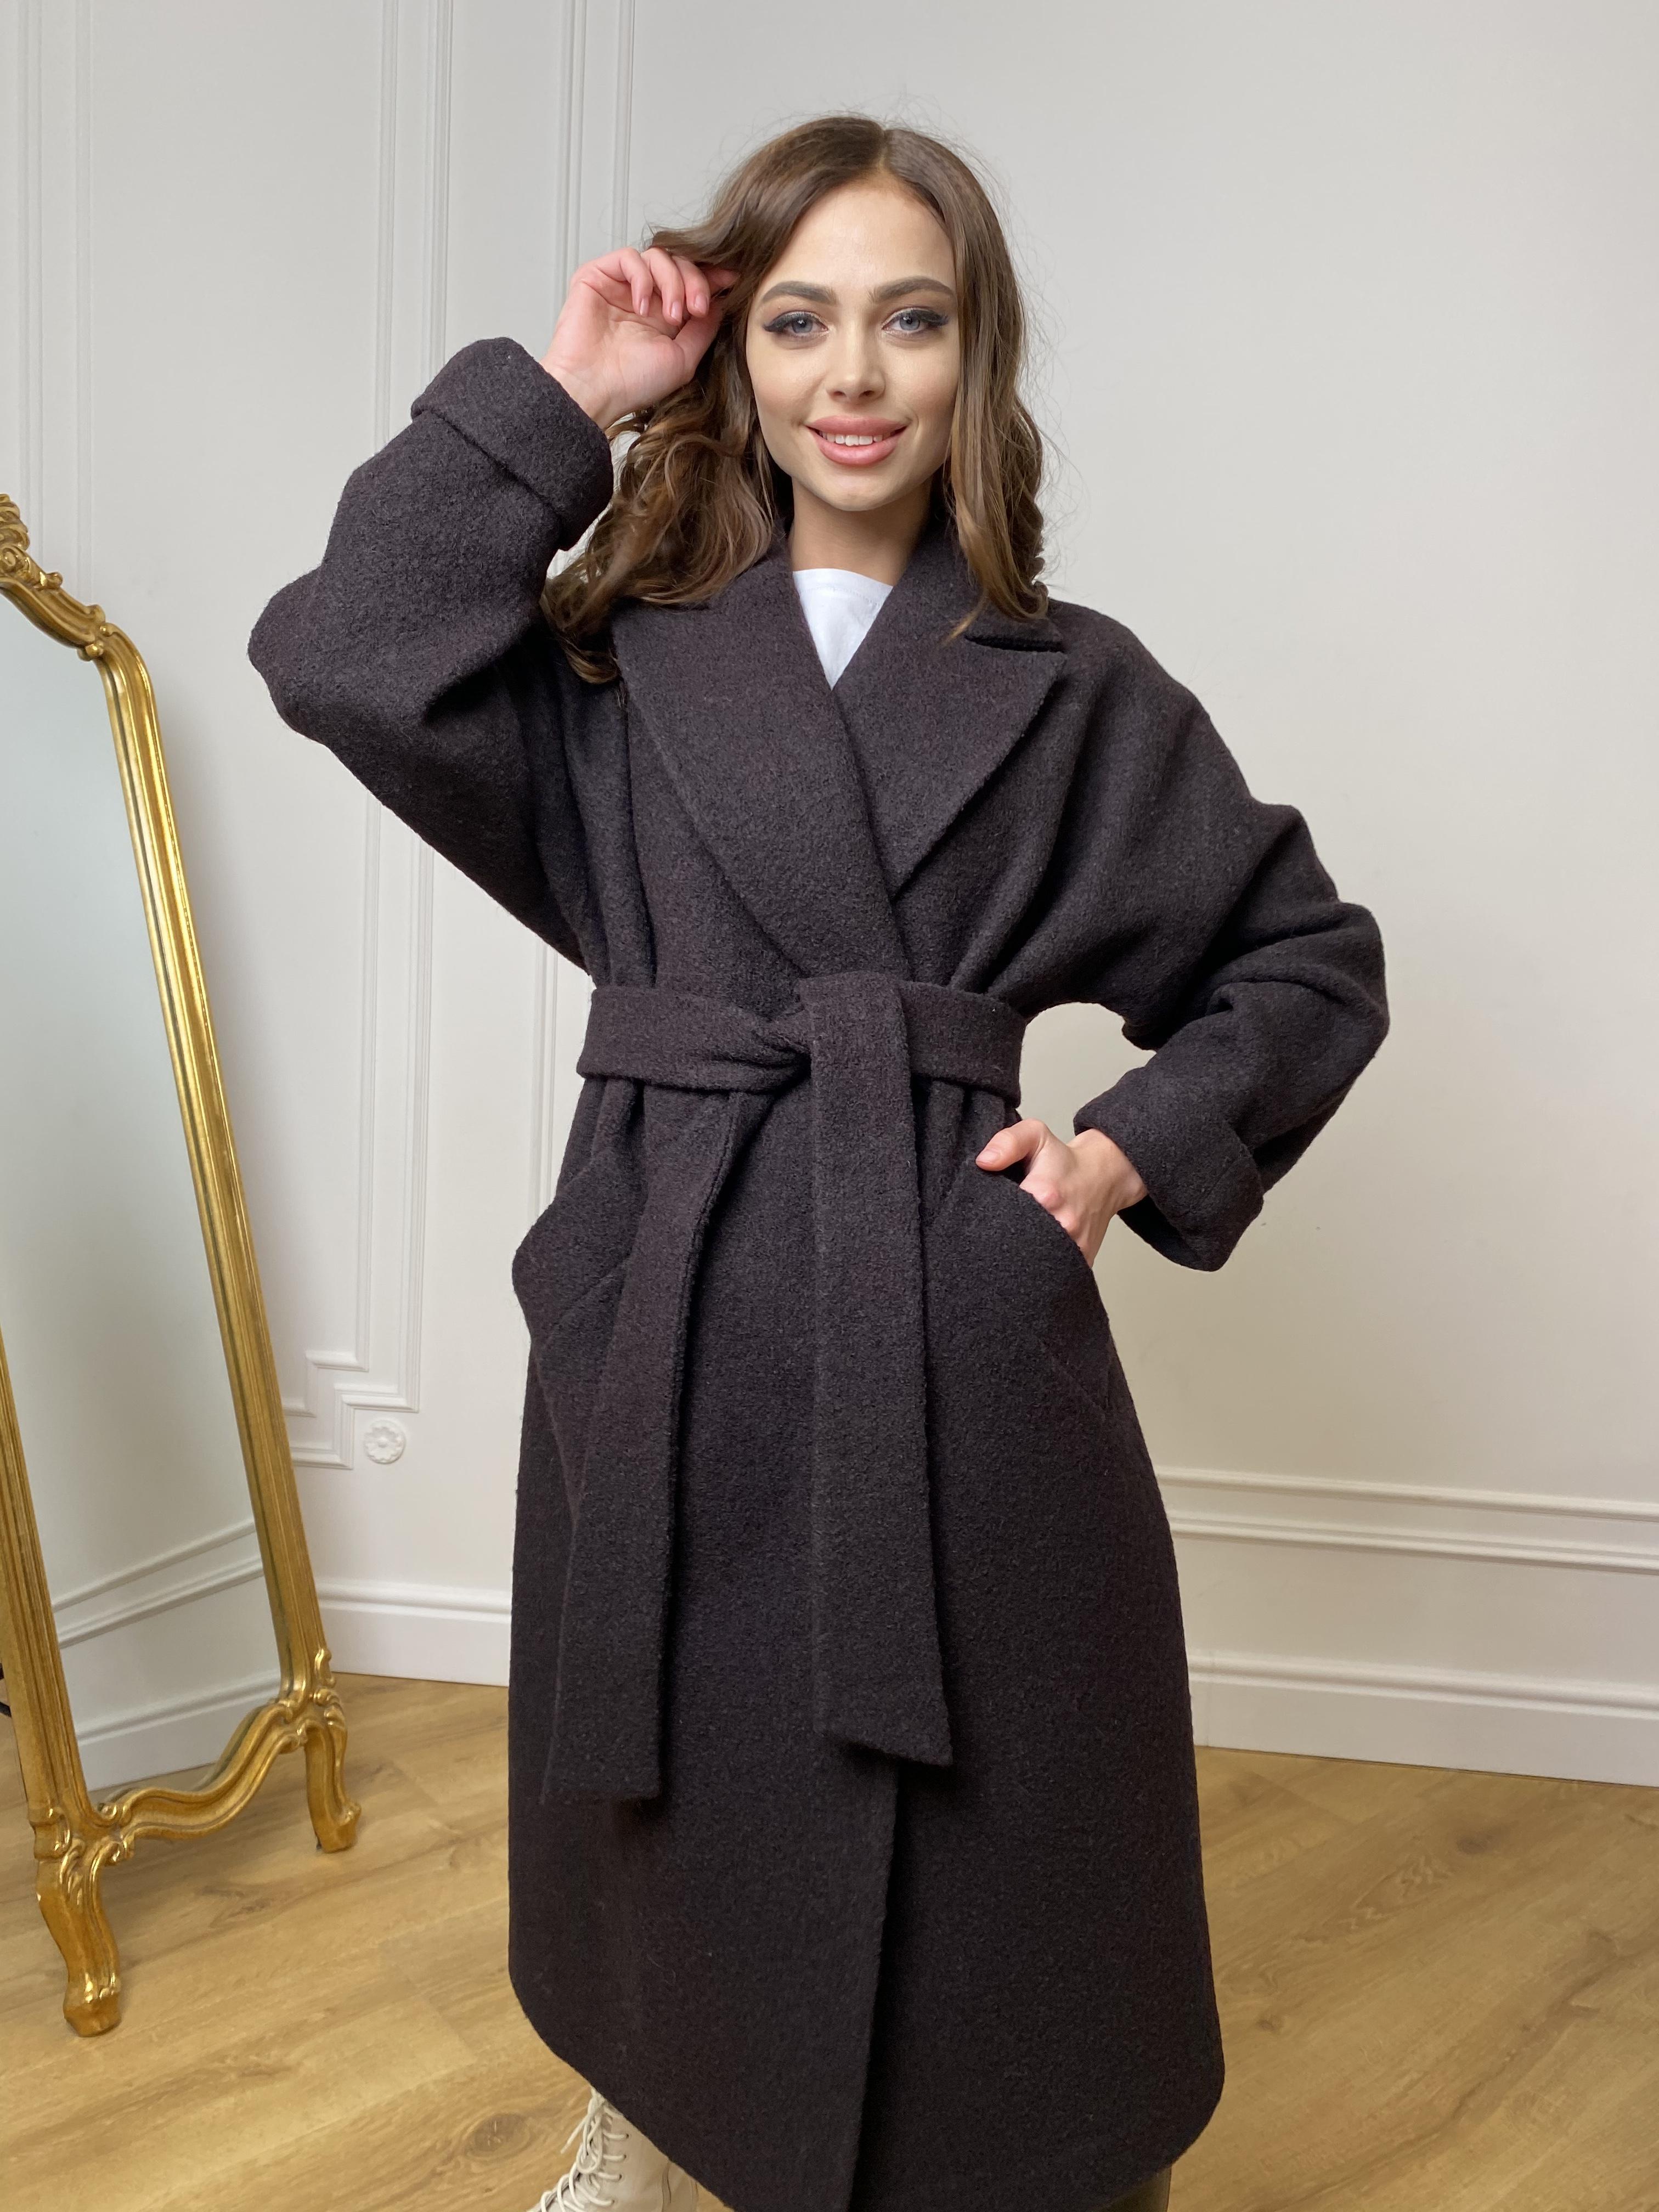 Влада баритон  пальто  из пальтовой ткани 10313 АРТ. 46630 Цвет: Шоколад - фото 5, интернет магазин tm-modus.ru